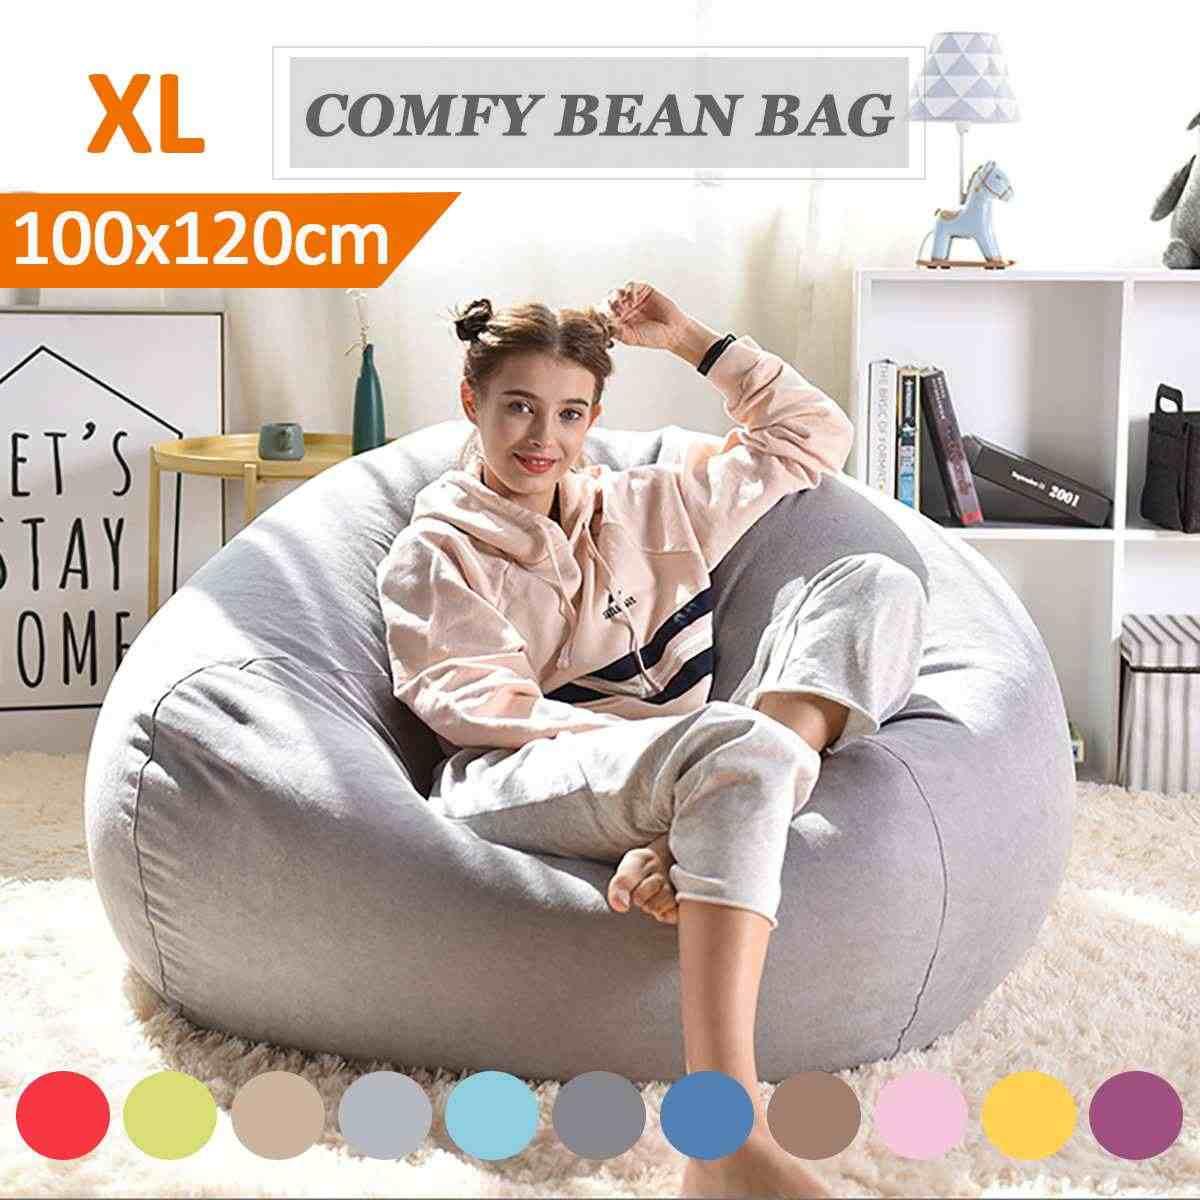 Bean сумка диван Чехол кресло для отдыха переносной мягкий стульчик сиденье мебель для гостиной без наполнителя Beanbag кровать Pouf слоеный диван ленивые татами